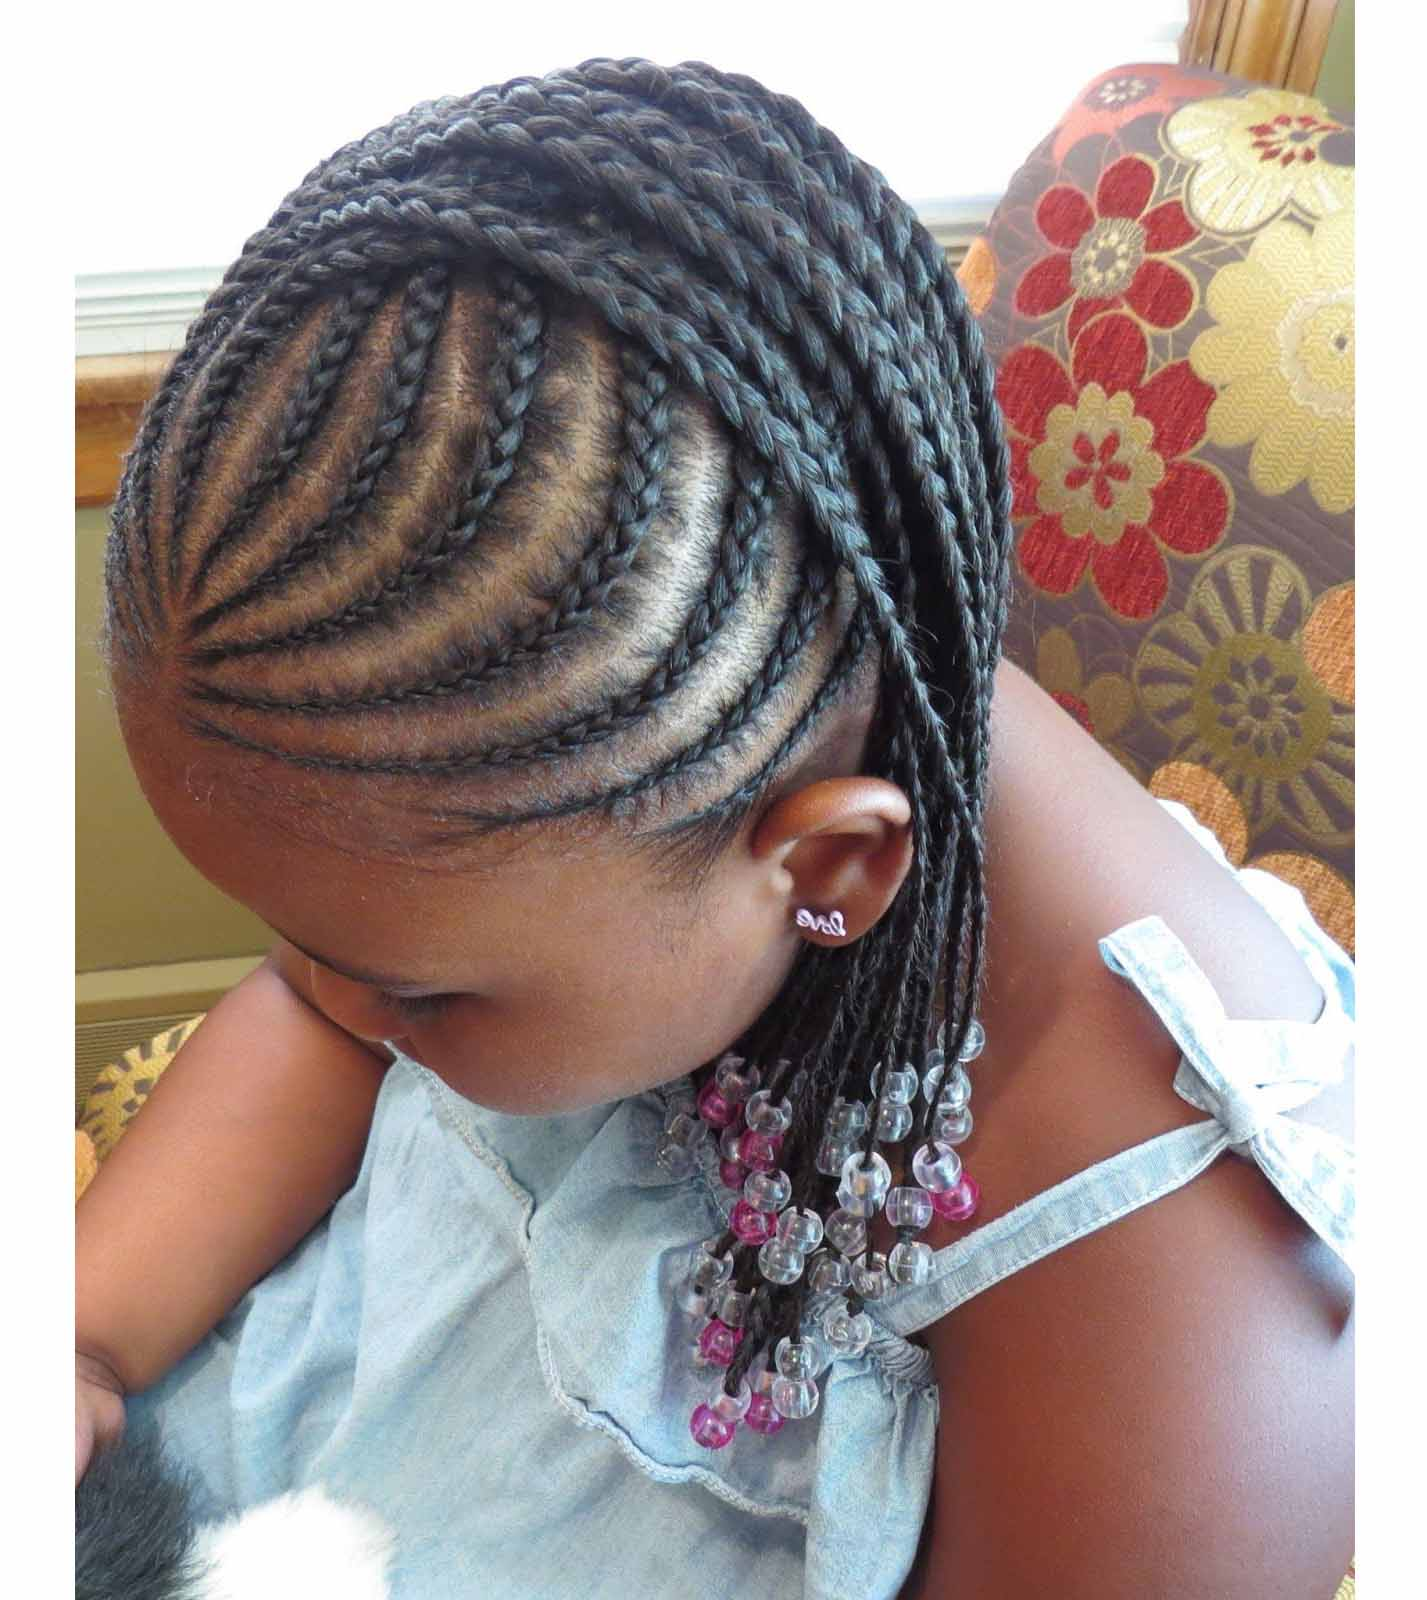 2018 Kids Braid Hairstyles Cute Braids Hairstyles for Kids